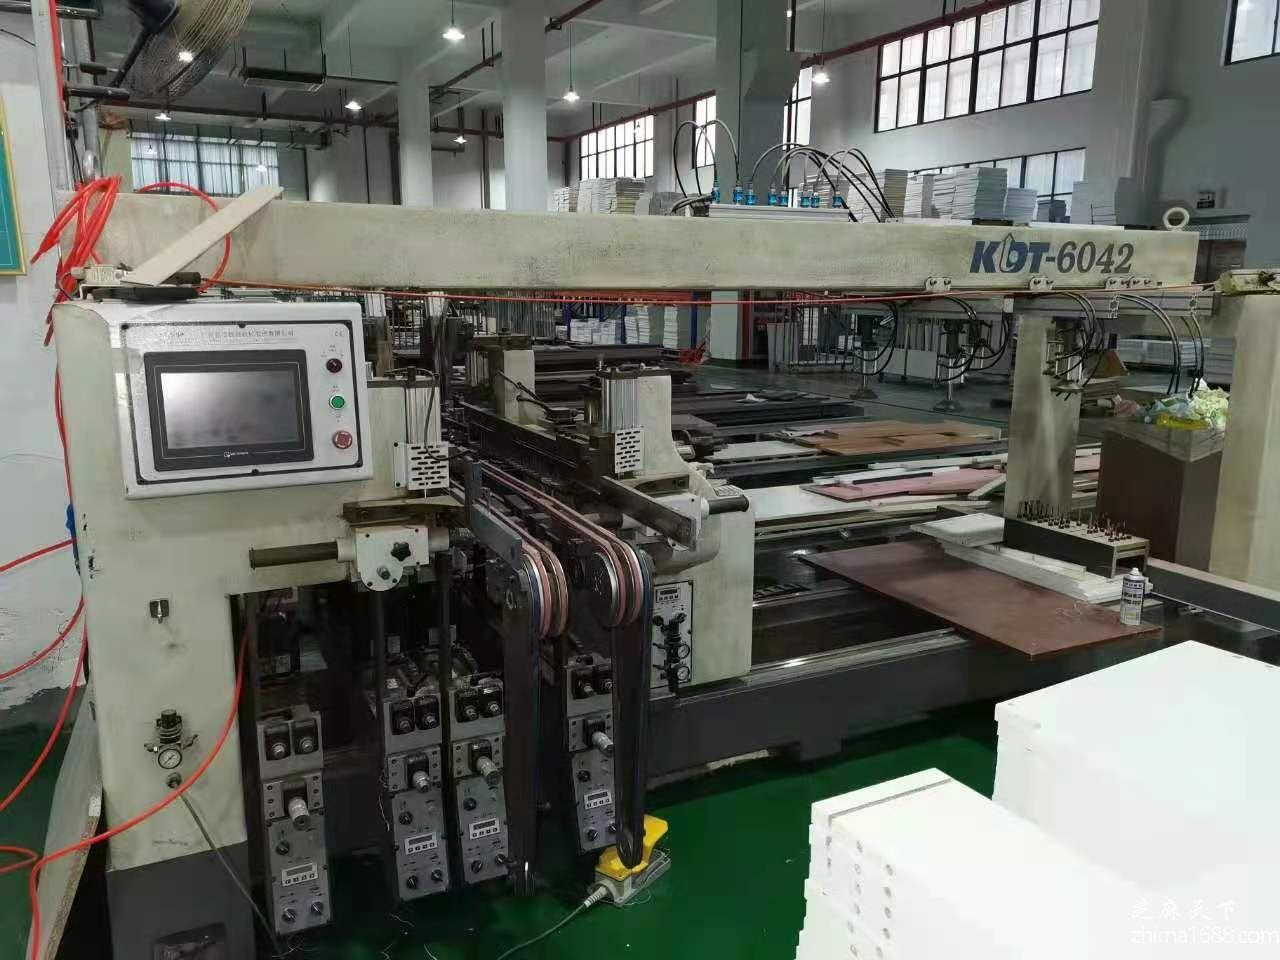 二手广州弘亚KDT-6042多排钻